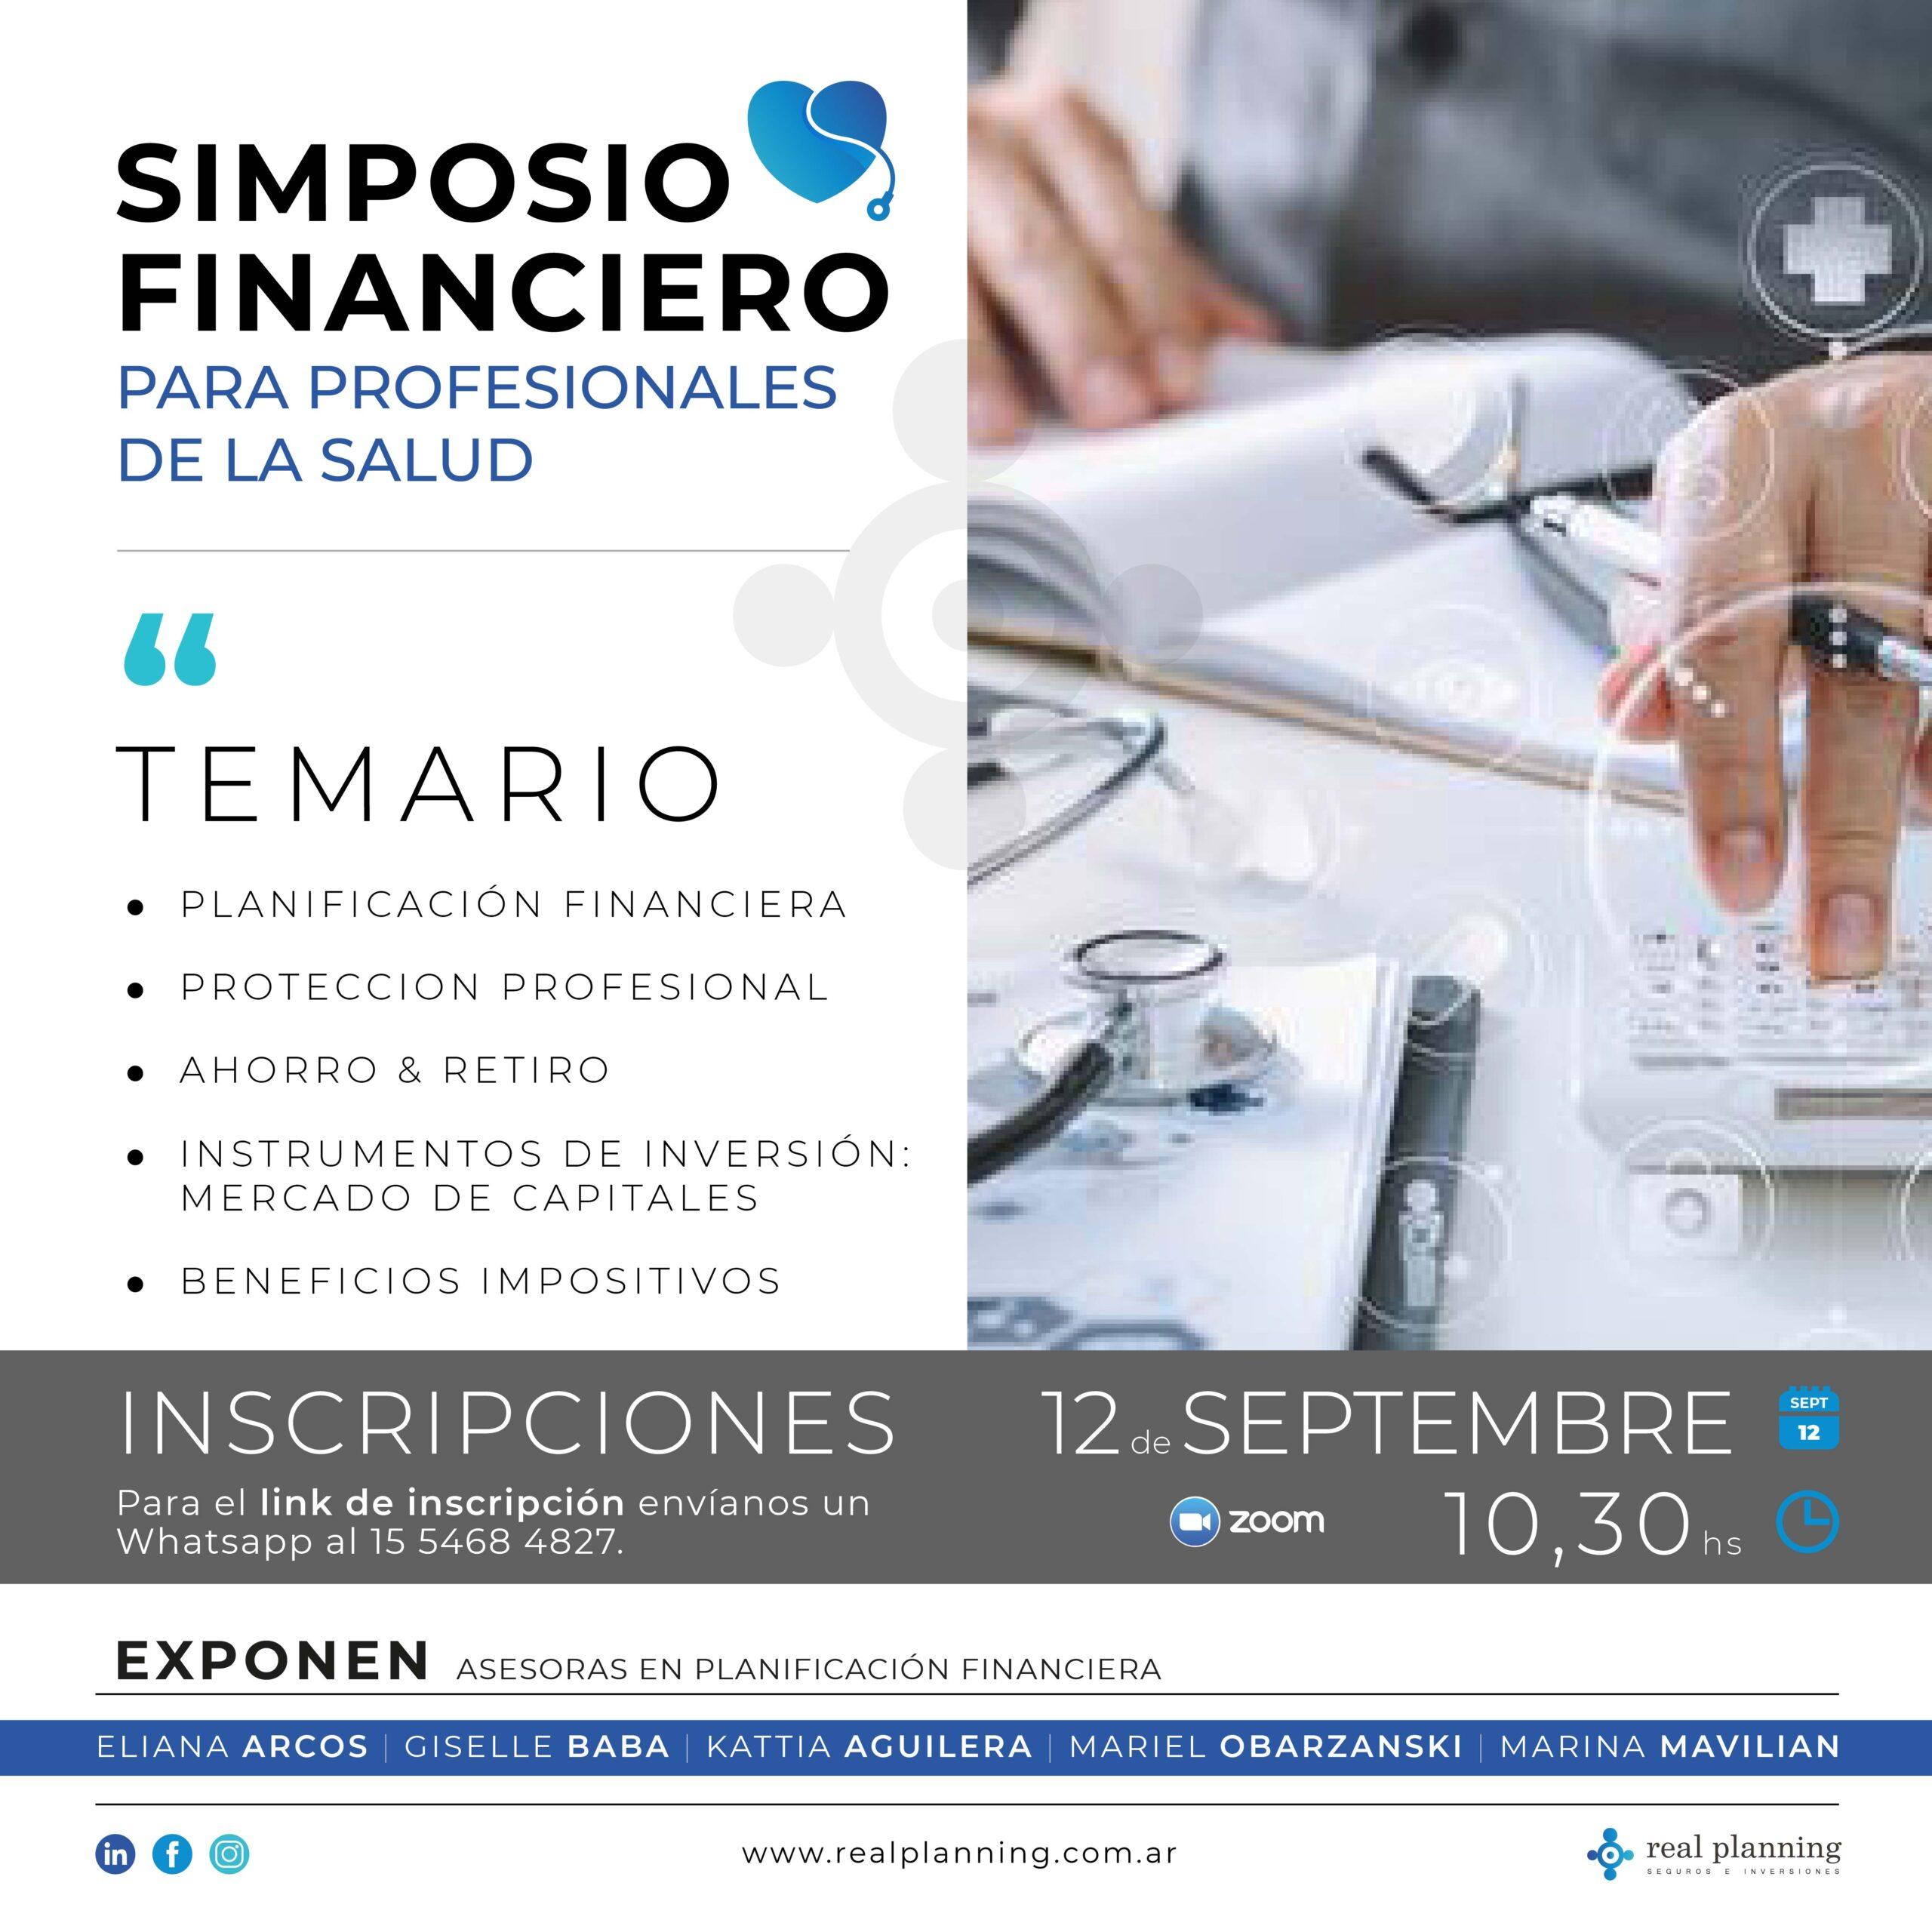 Simposio Financiero para Profesionales de la Salud